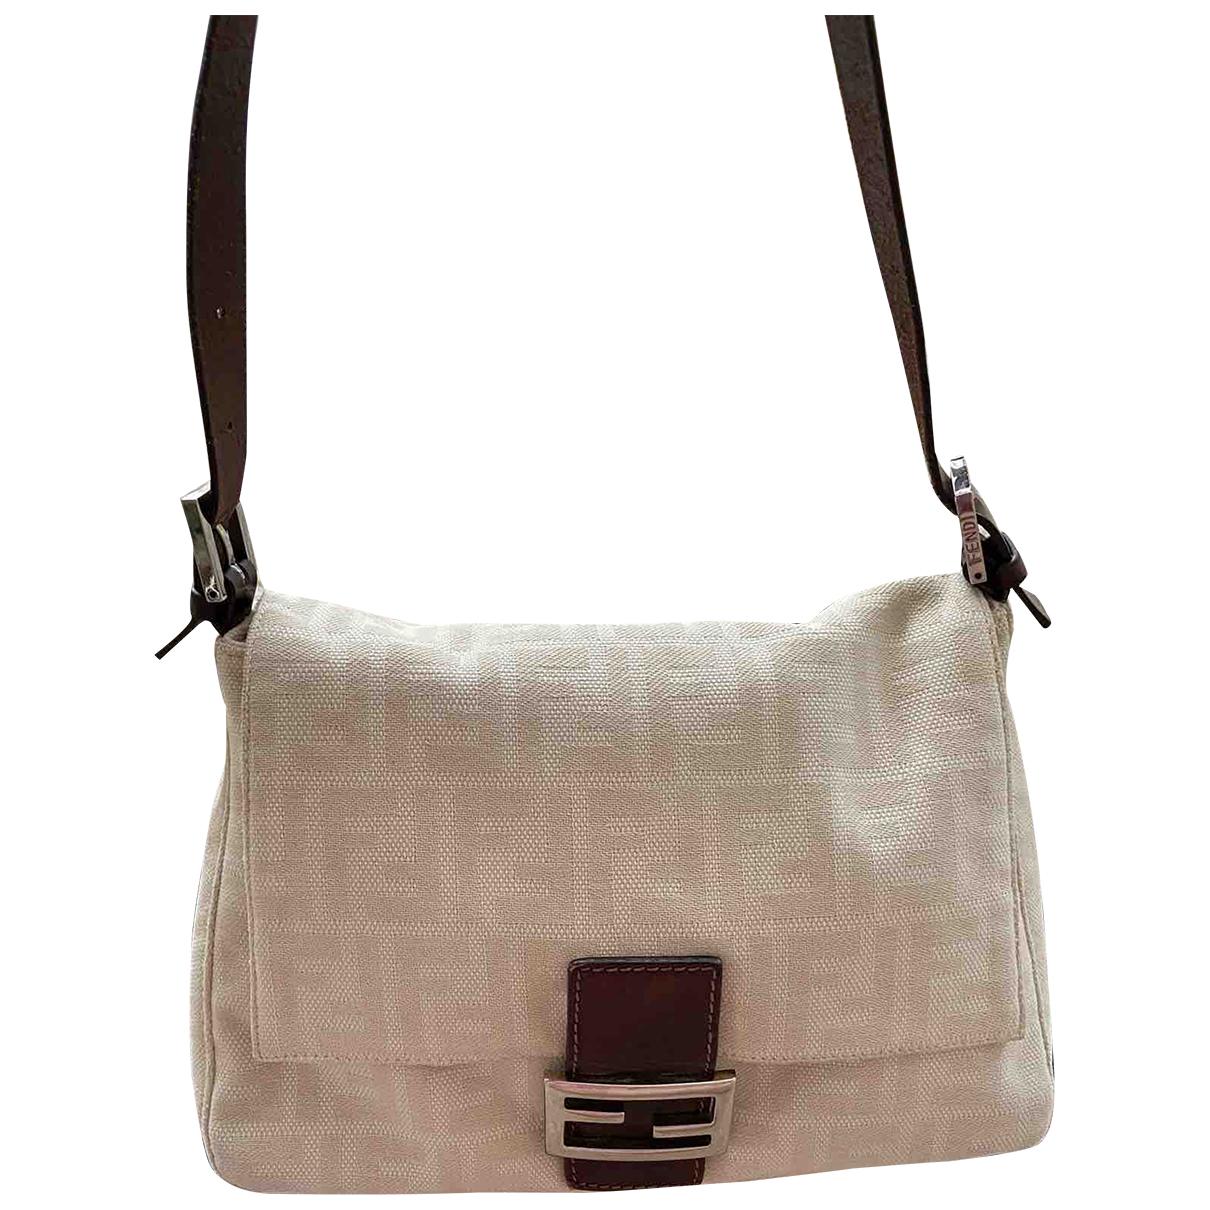 Fendi Baguette Handtasche in  Beige Leinen